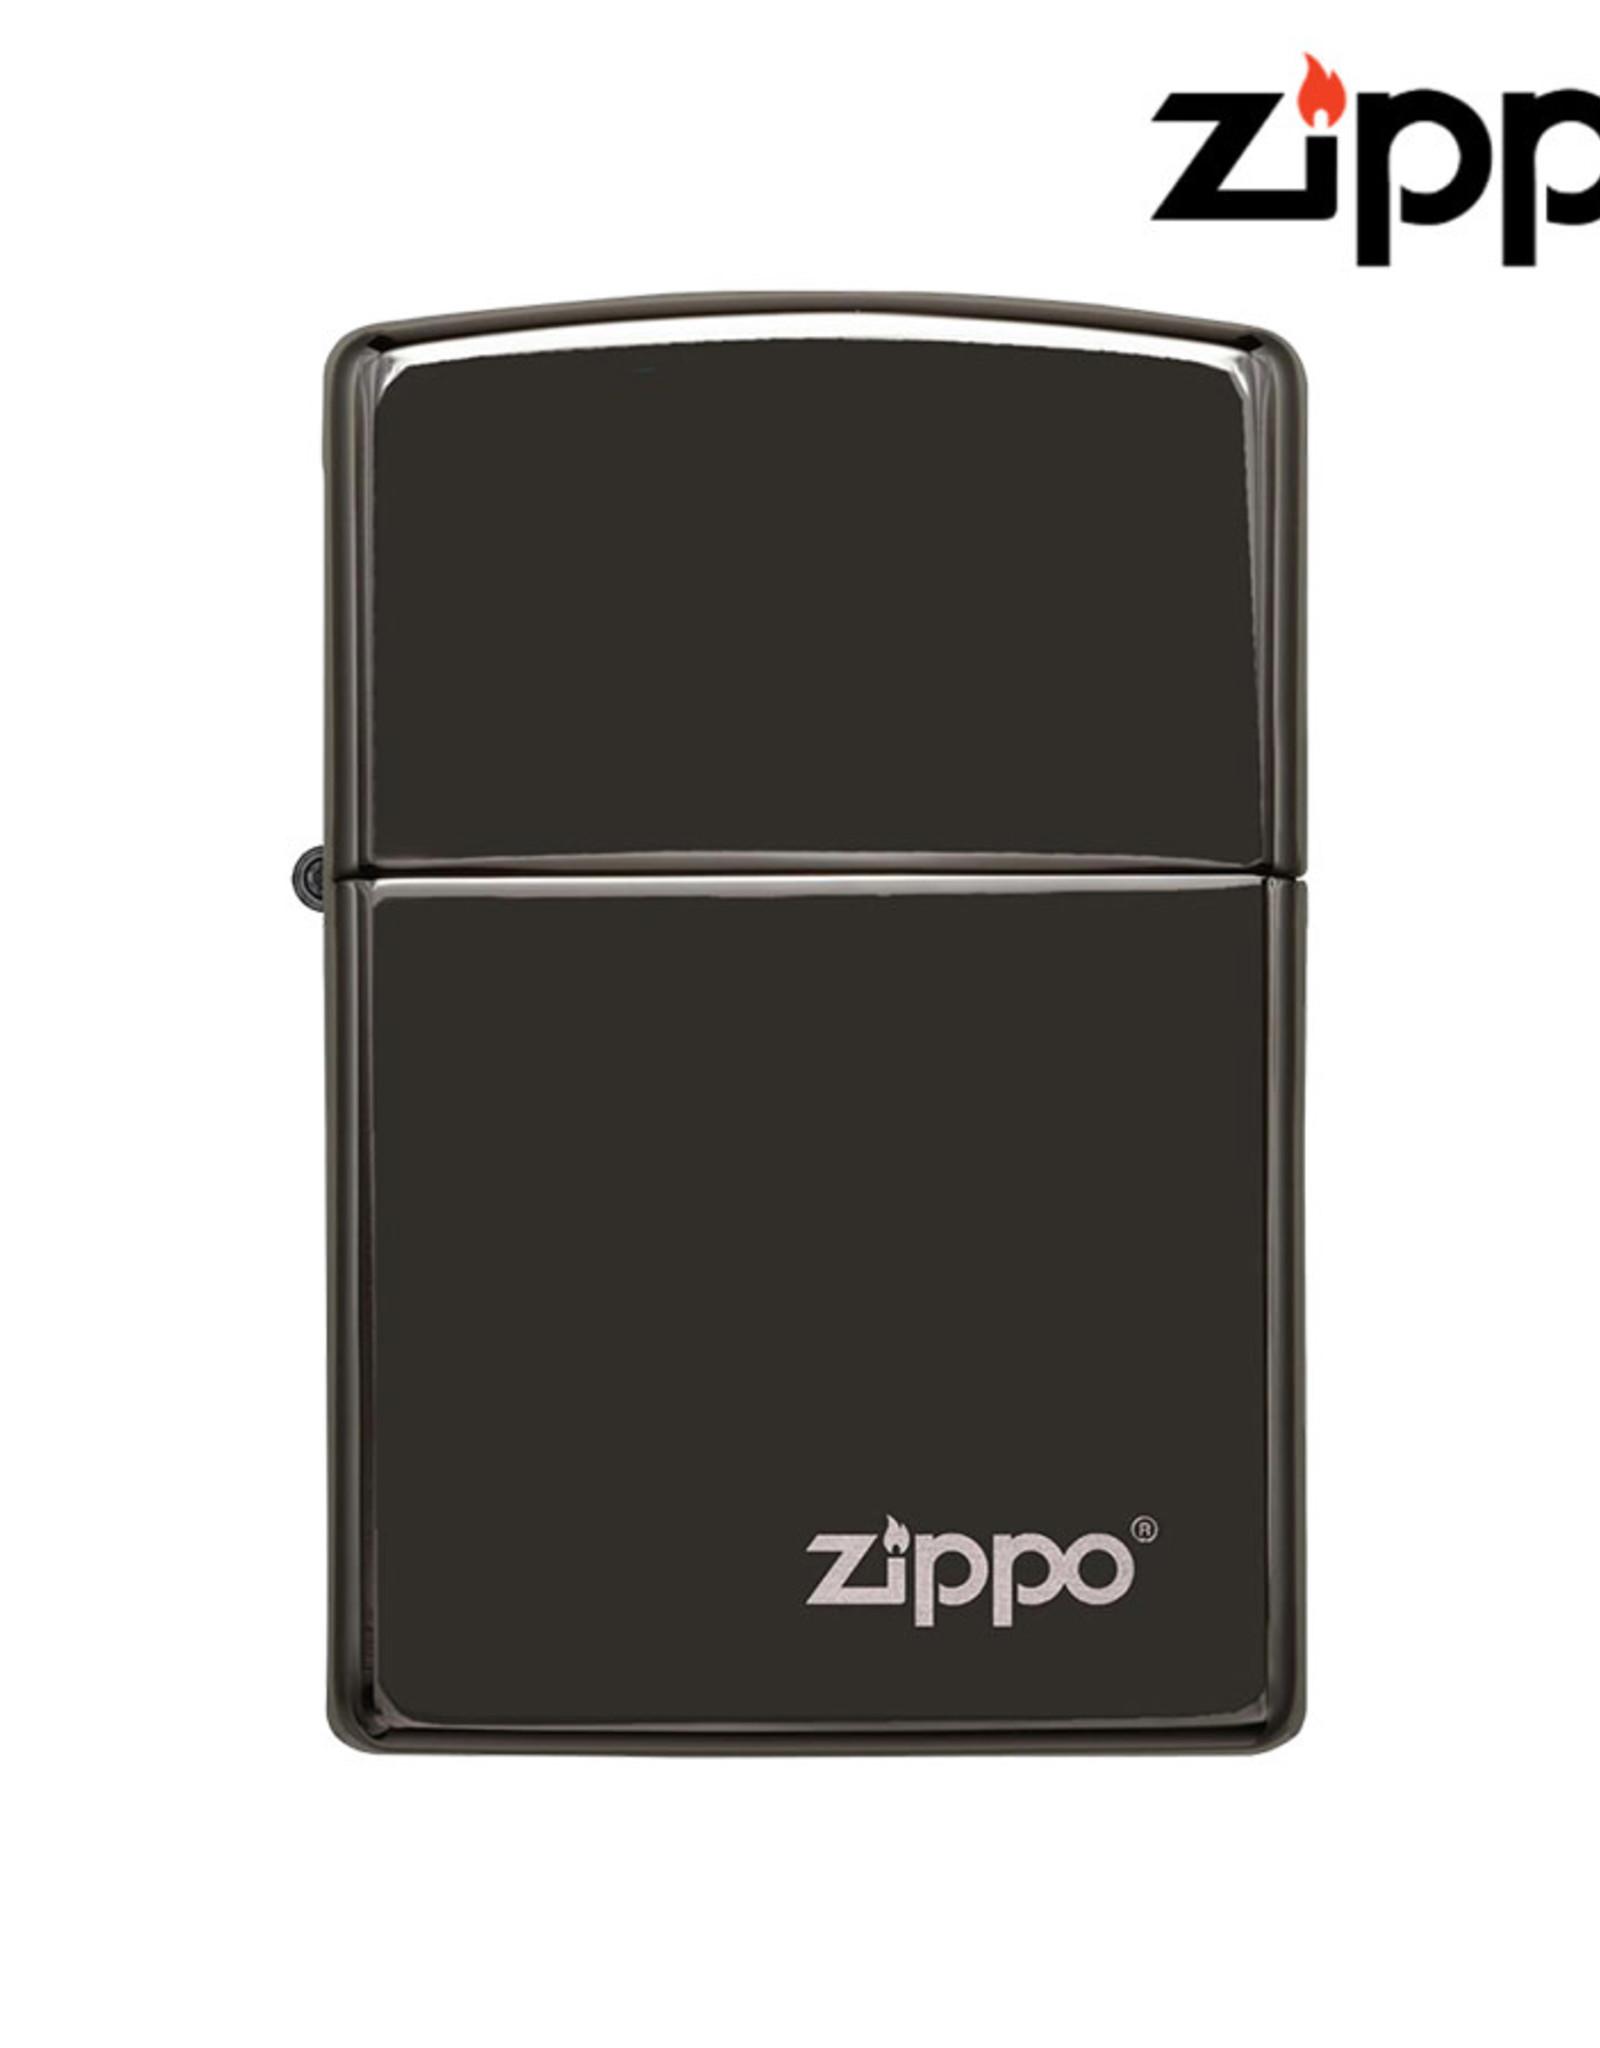 Zippo Ebony Zippo